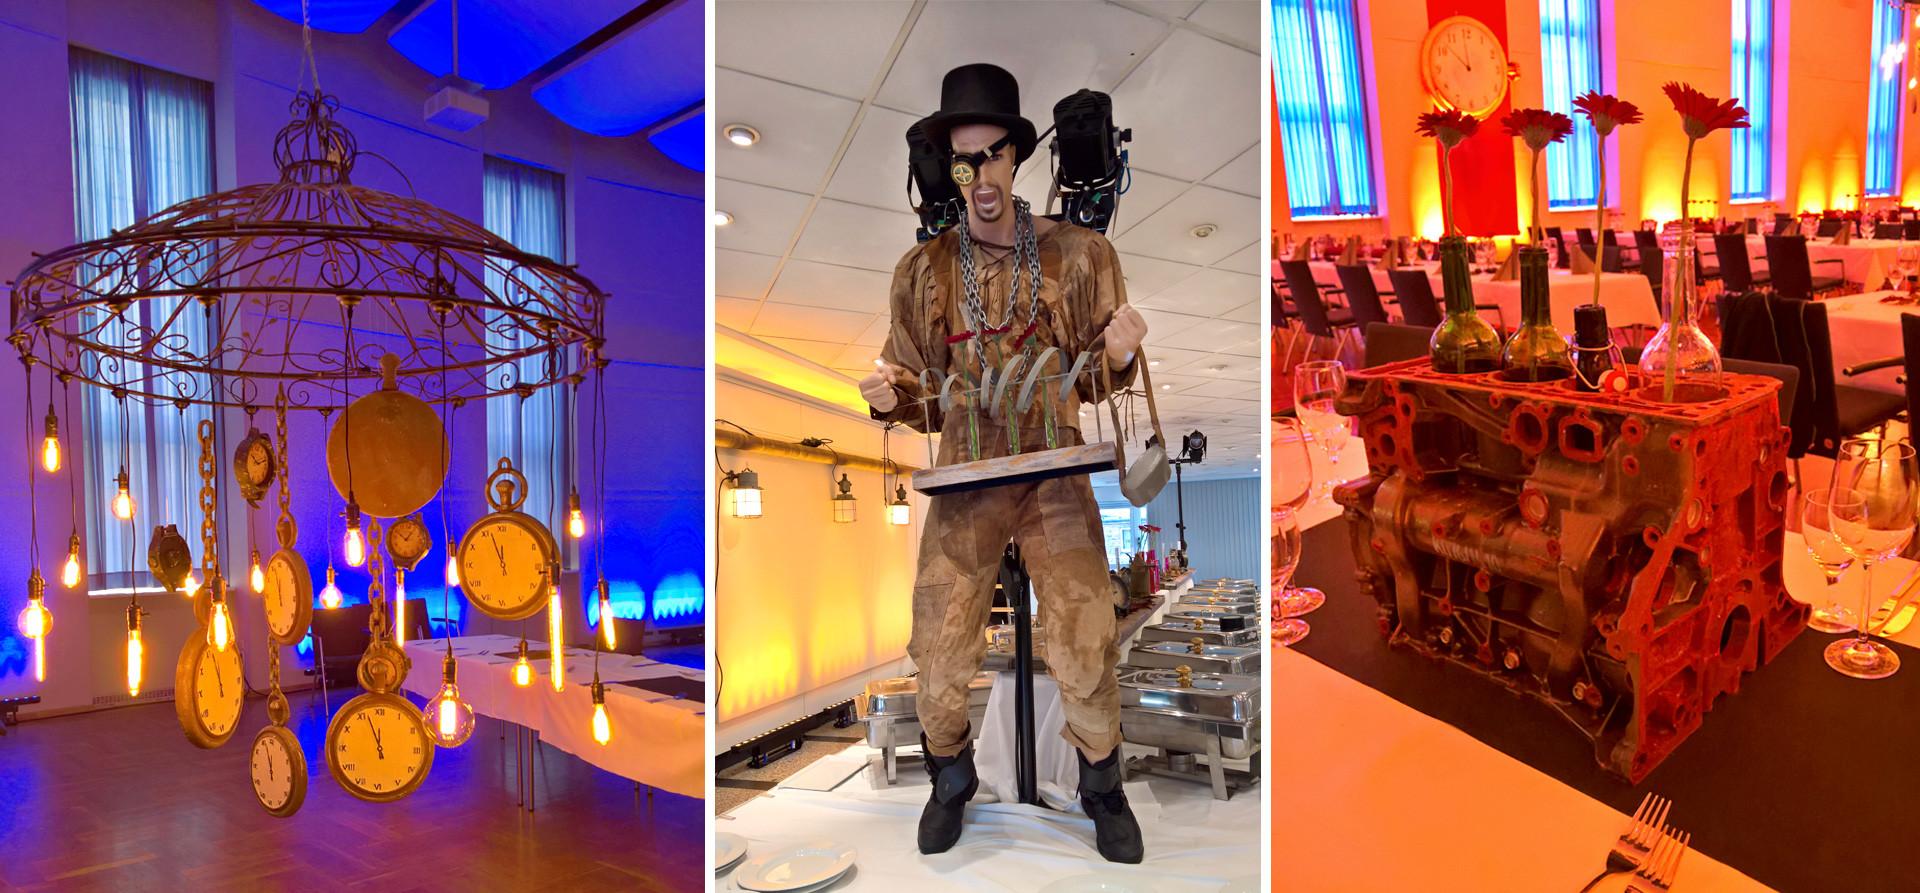 Veranstaltung Steampunk Dekoration